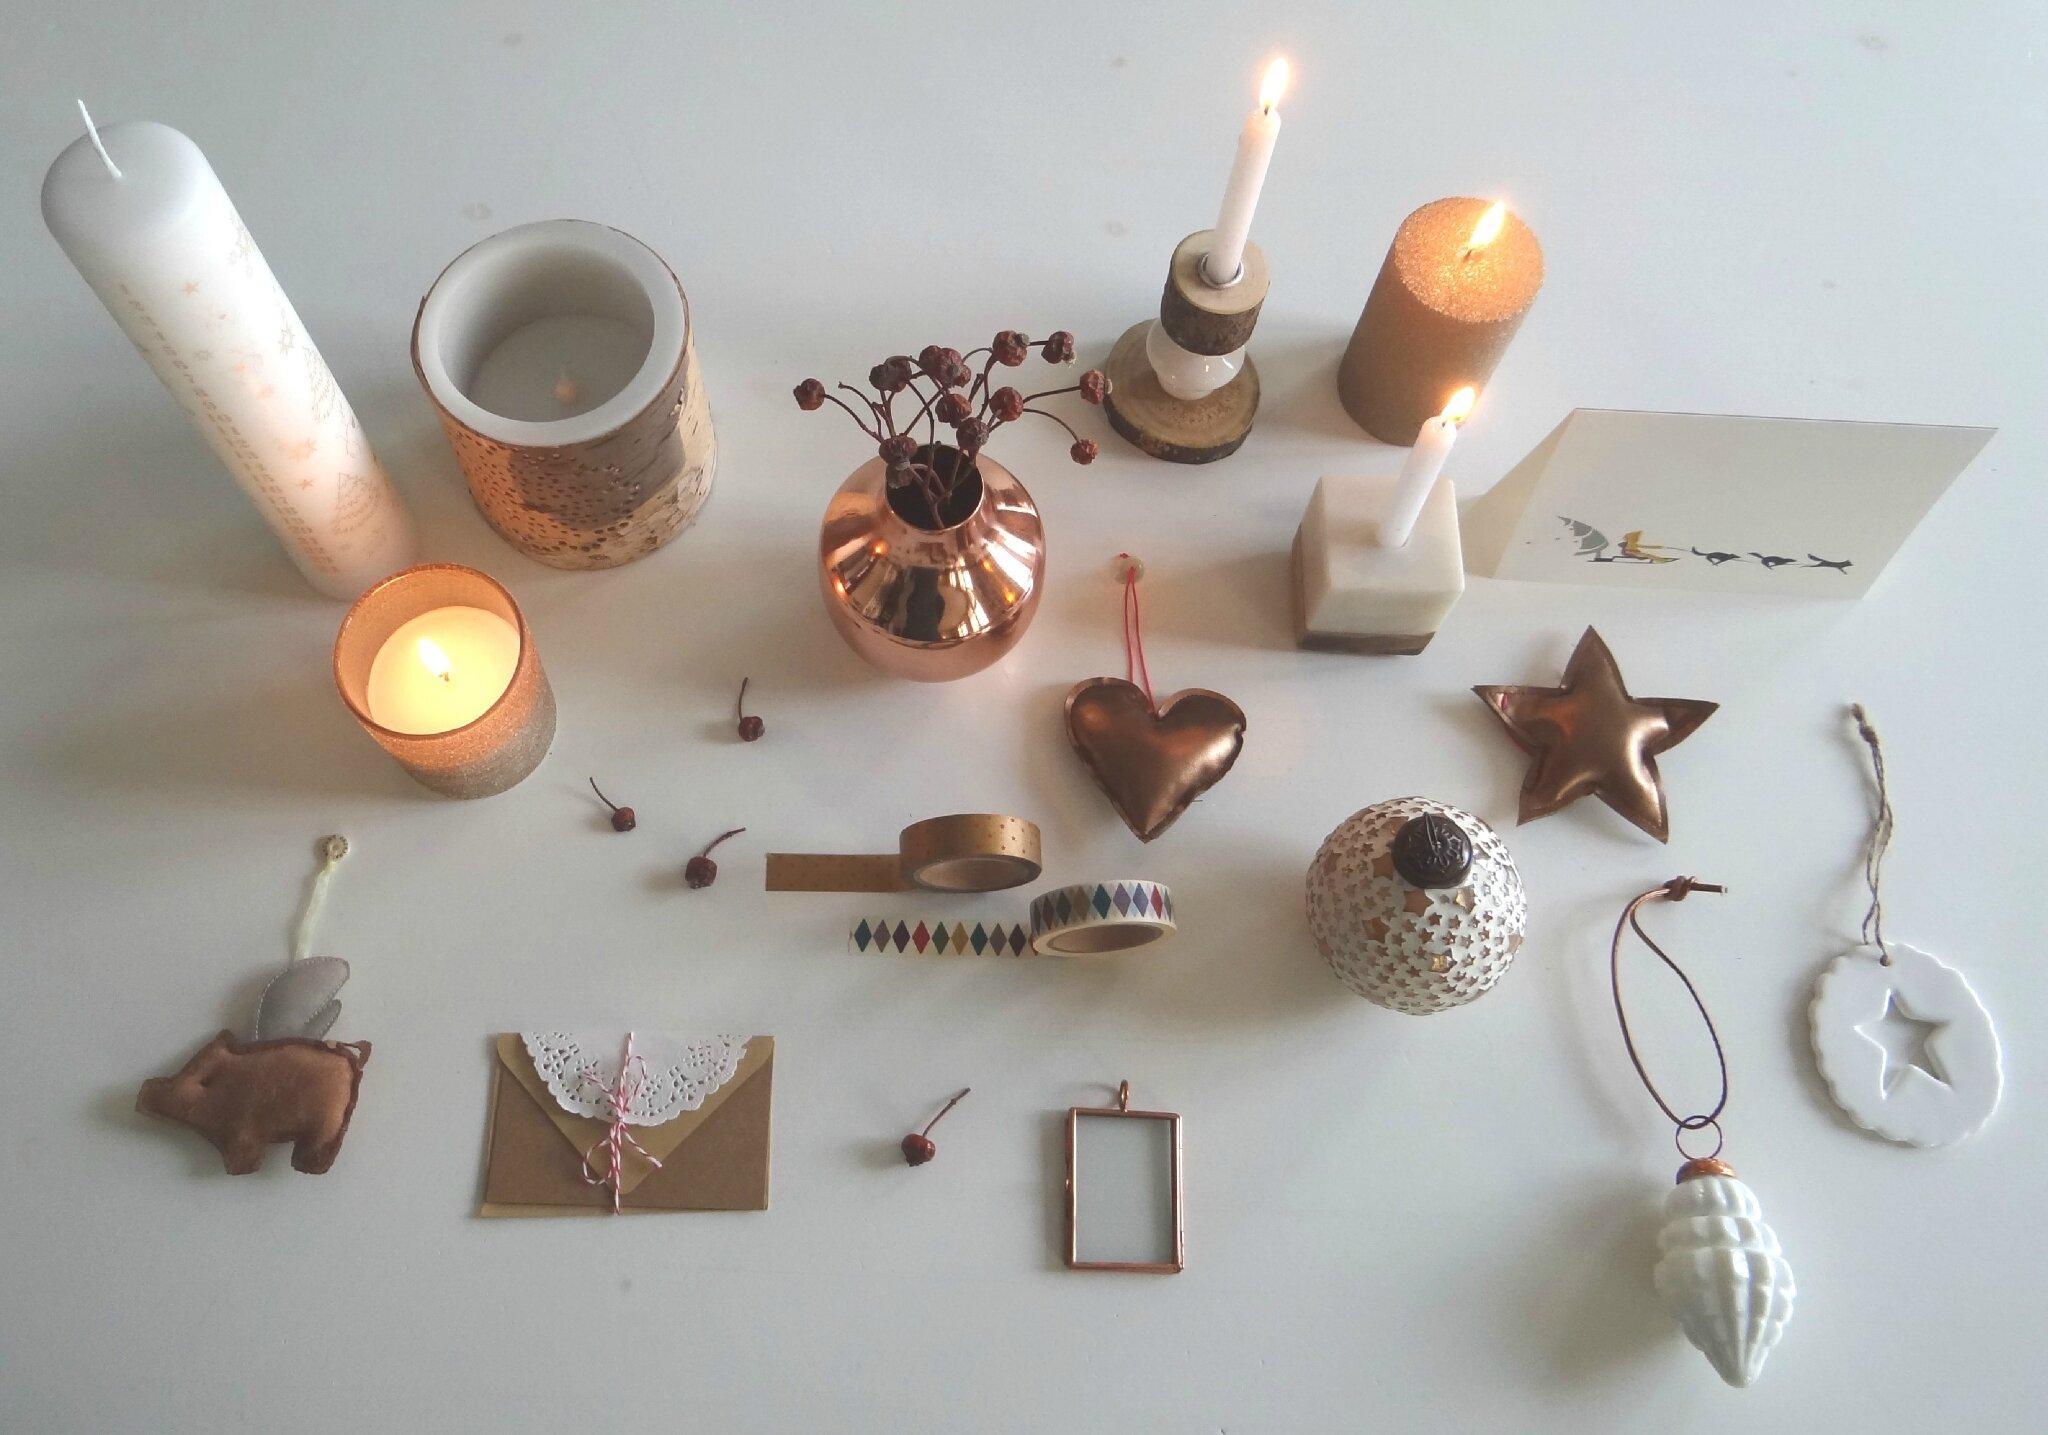 decoration de noel cuivre. Black Bedroom Furniture Sets. Home Design Ideas